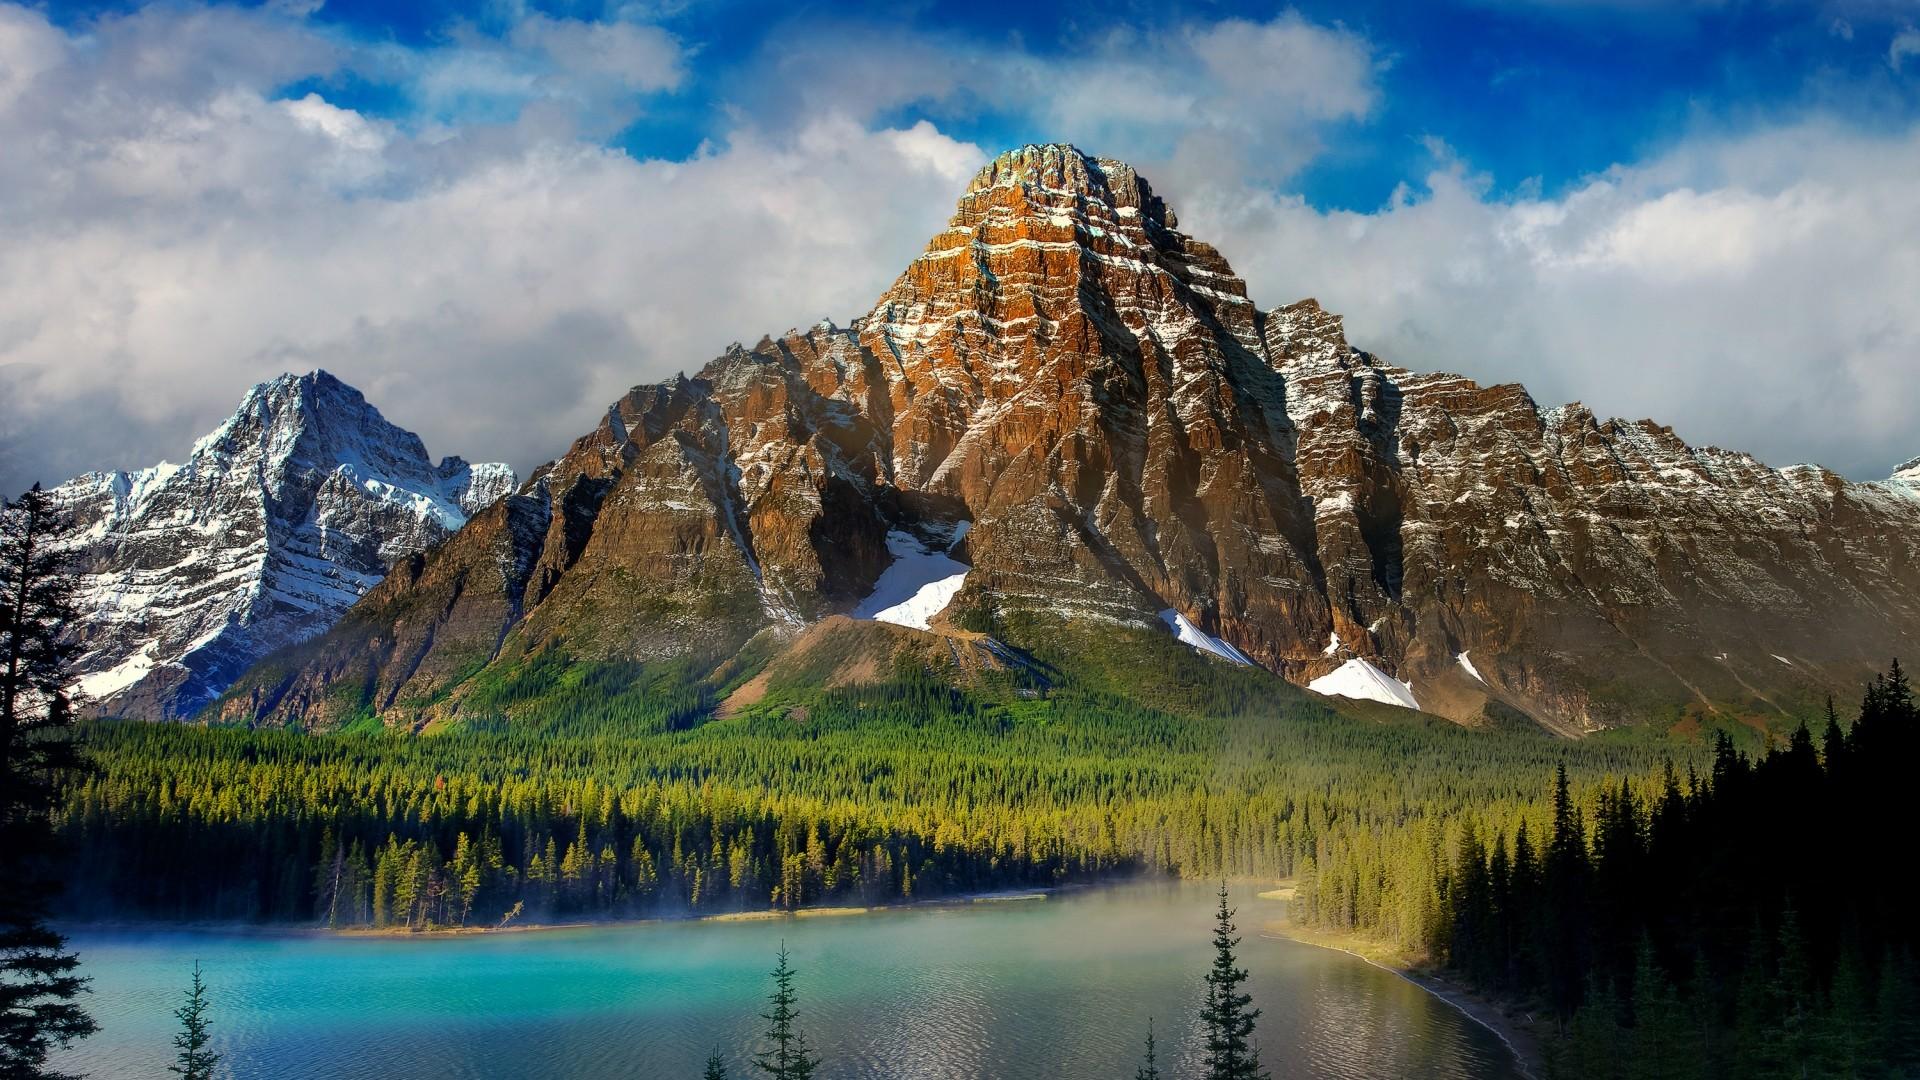 Wallpaper beautiful scenery, mountains, lake, nature